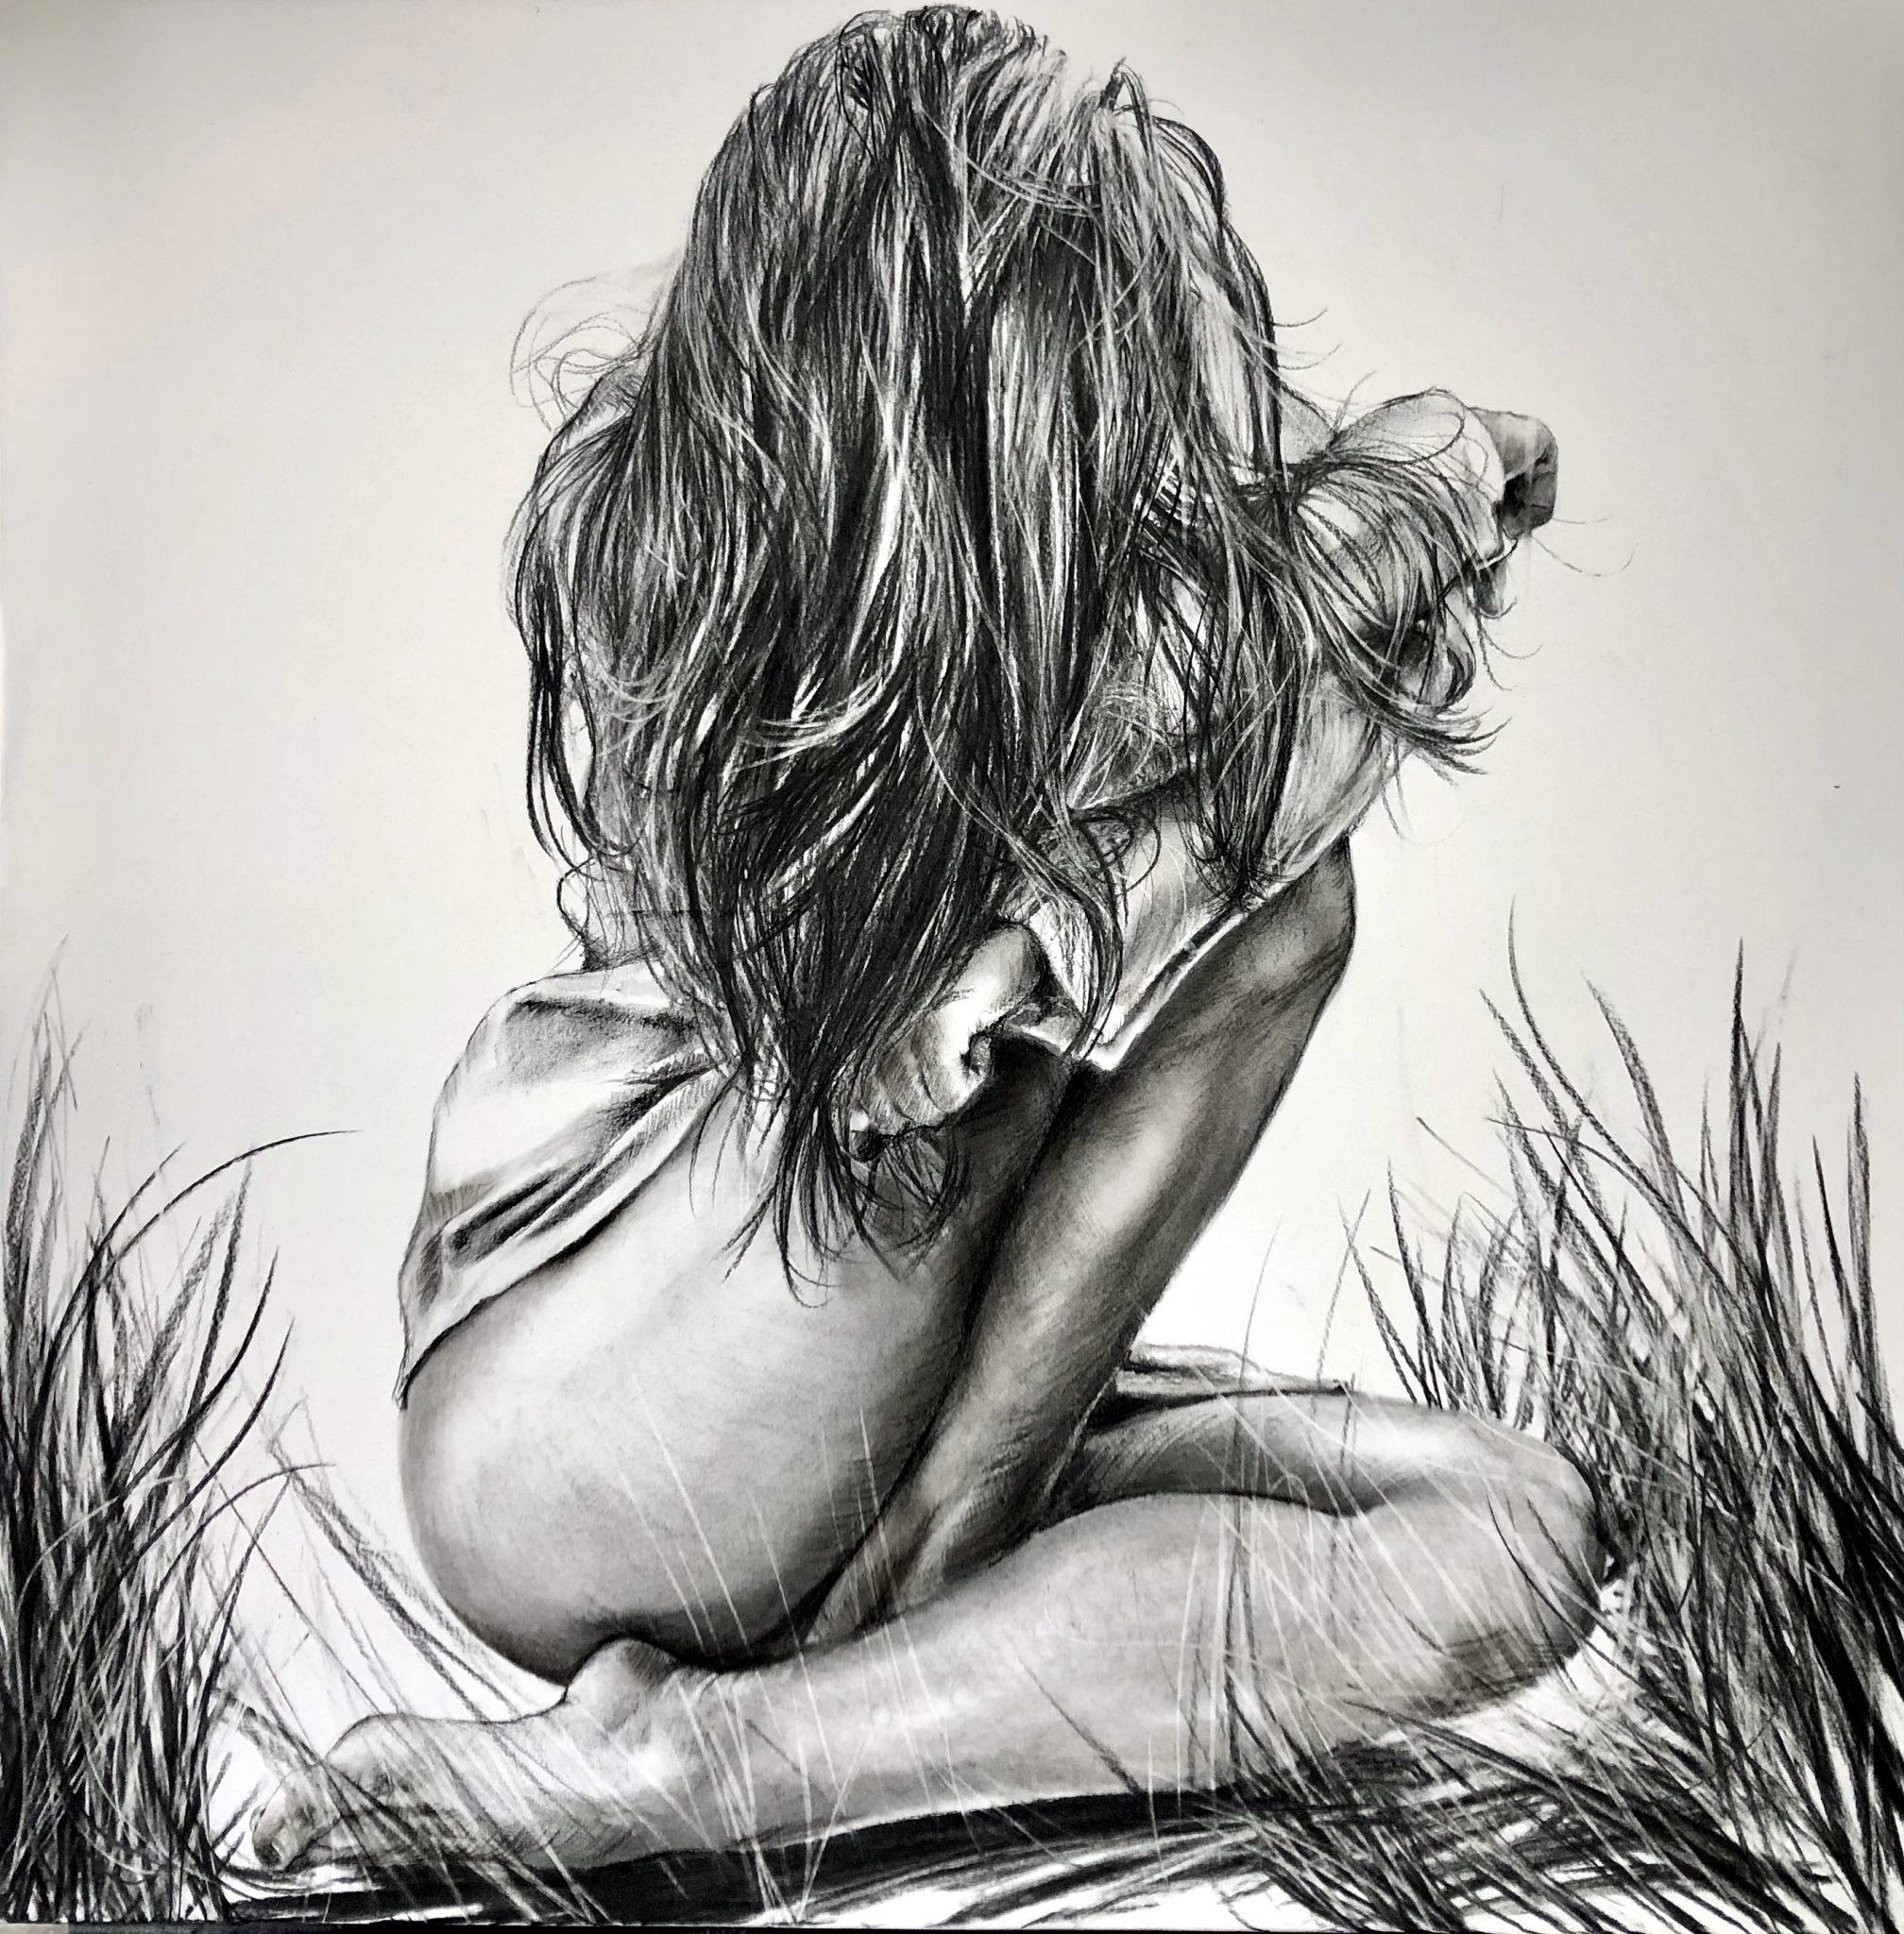 Le secret 80 x80 cm Fusain sur toile marouflée